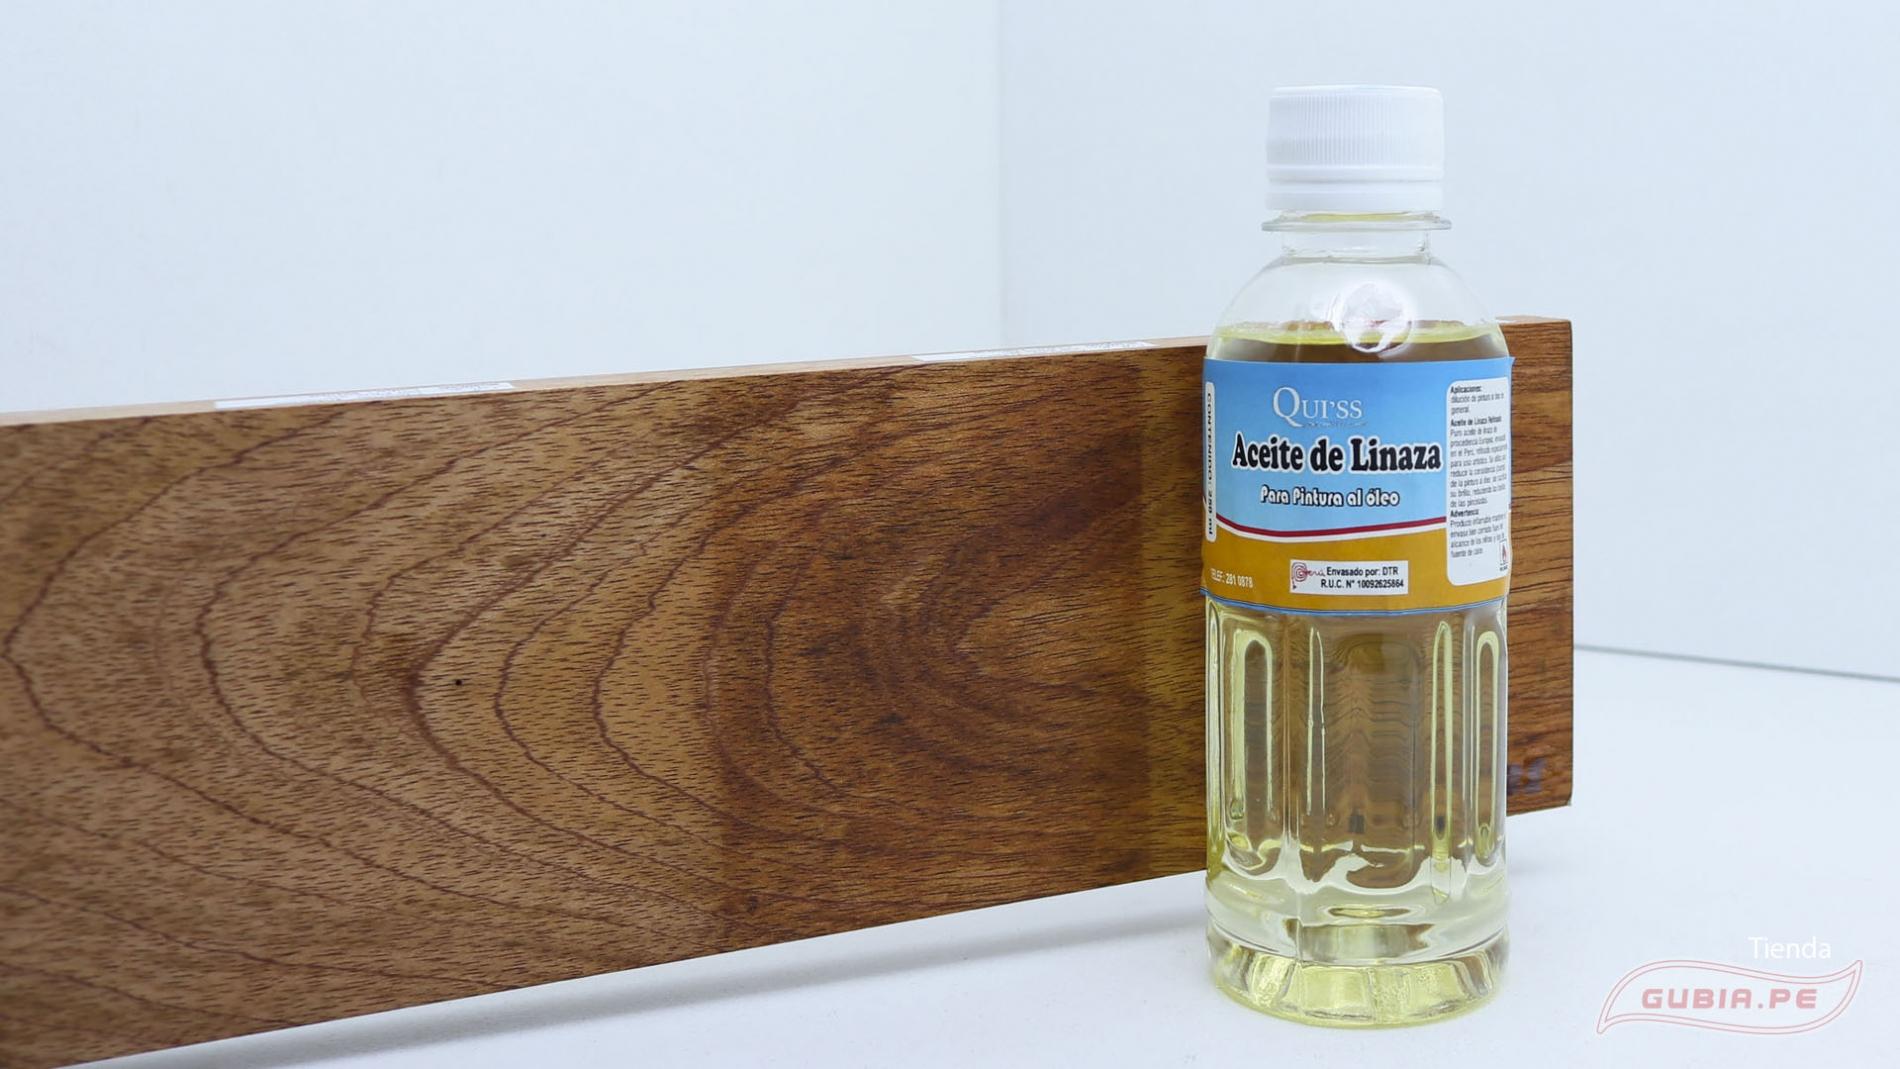 GUB0052-Aceite de Linaza 250ml Quiss GUB0052-max-1.